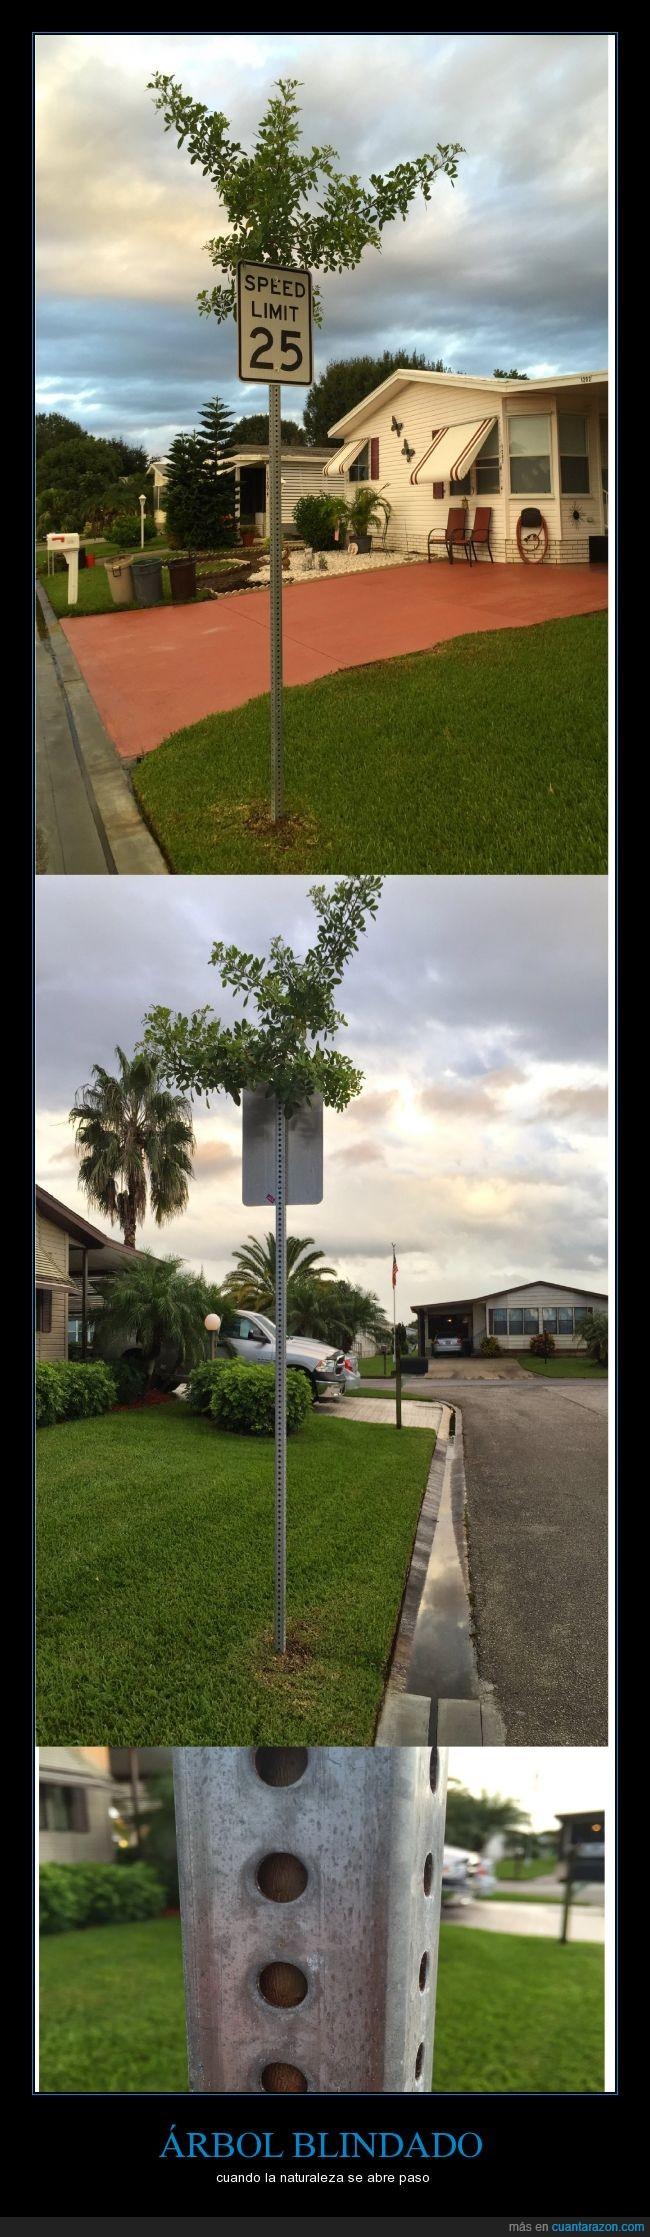 árbol,atrapado,crecer,dentro,letrero,naturaleza,señalamiento de tráfico,subir